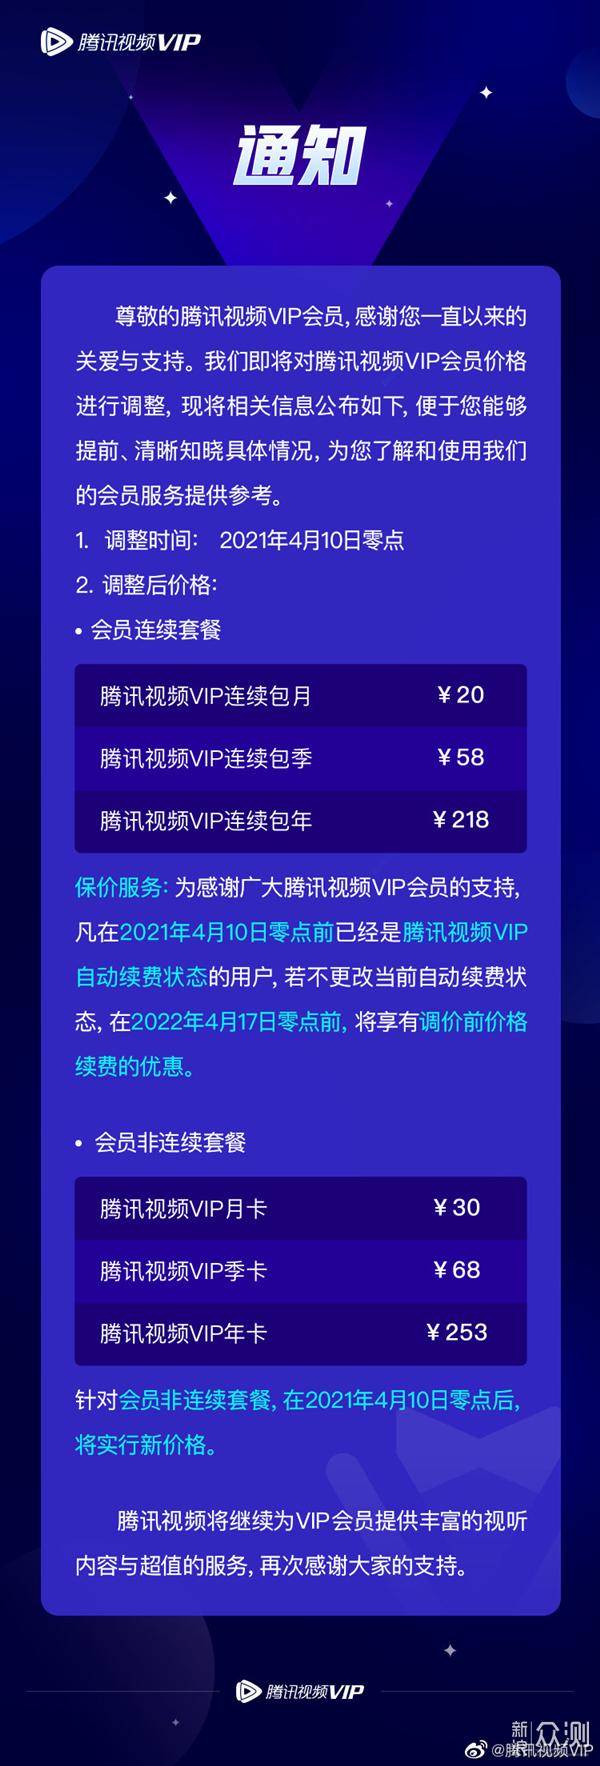 腾讯爱奇艺涨价也不怕-联通 PLUS 会员权益_新浪众测